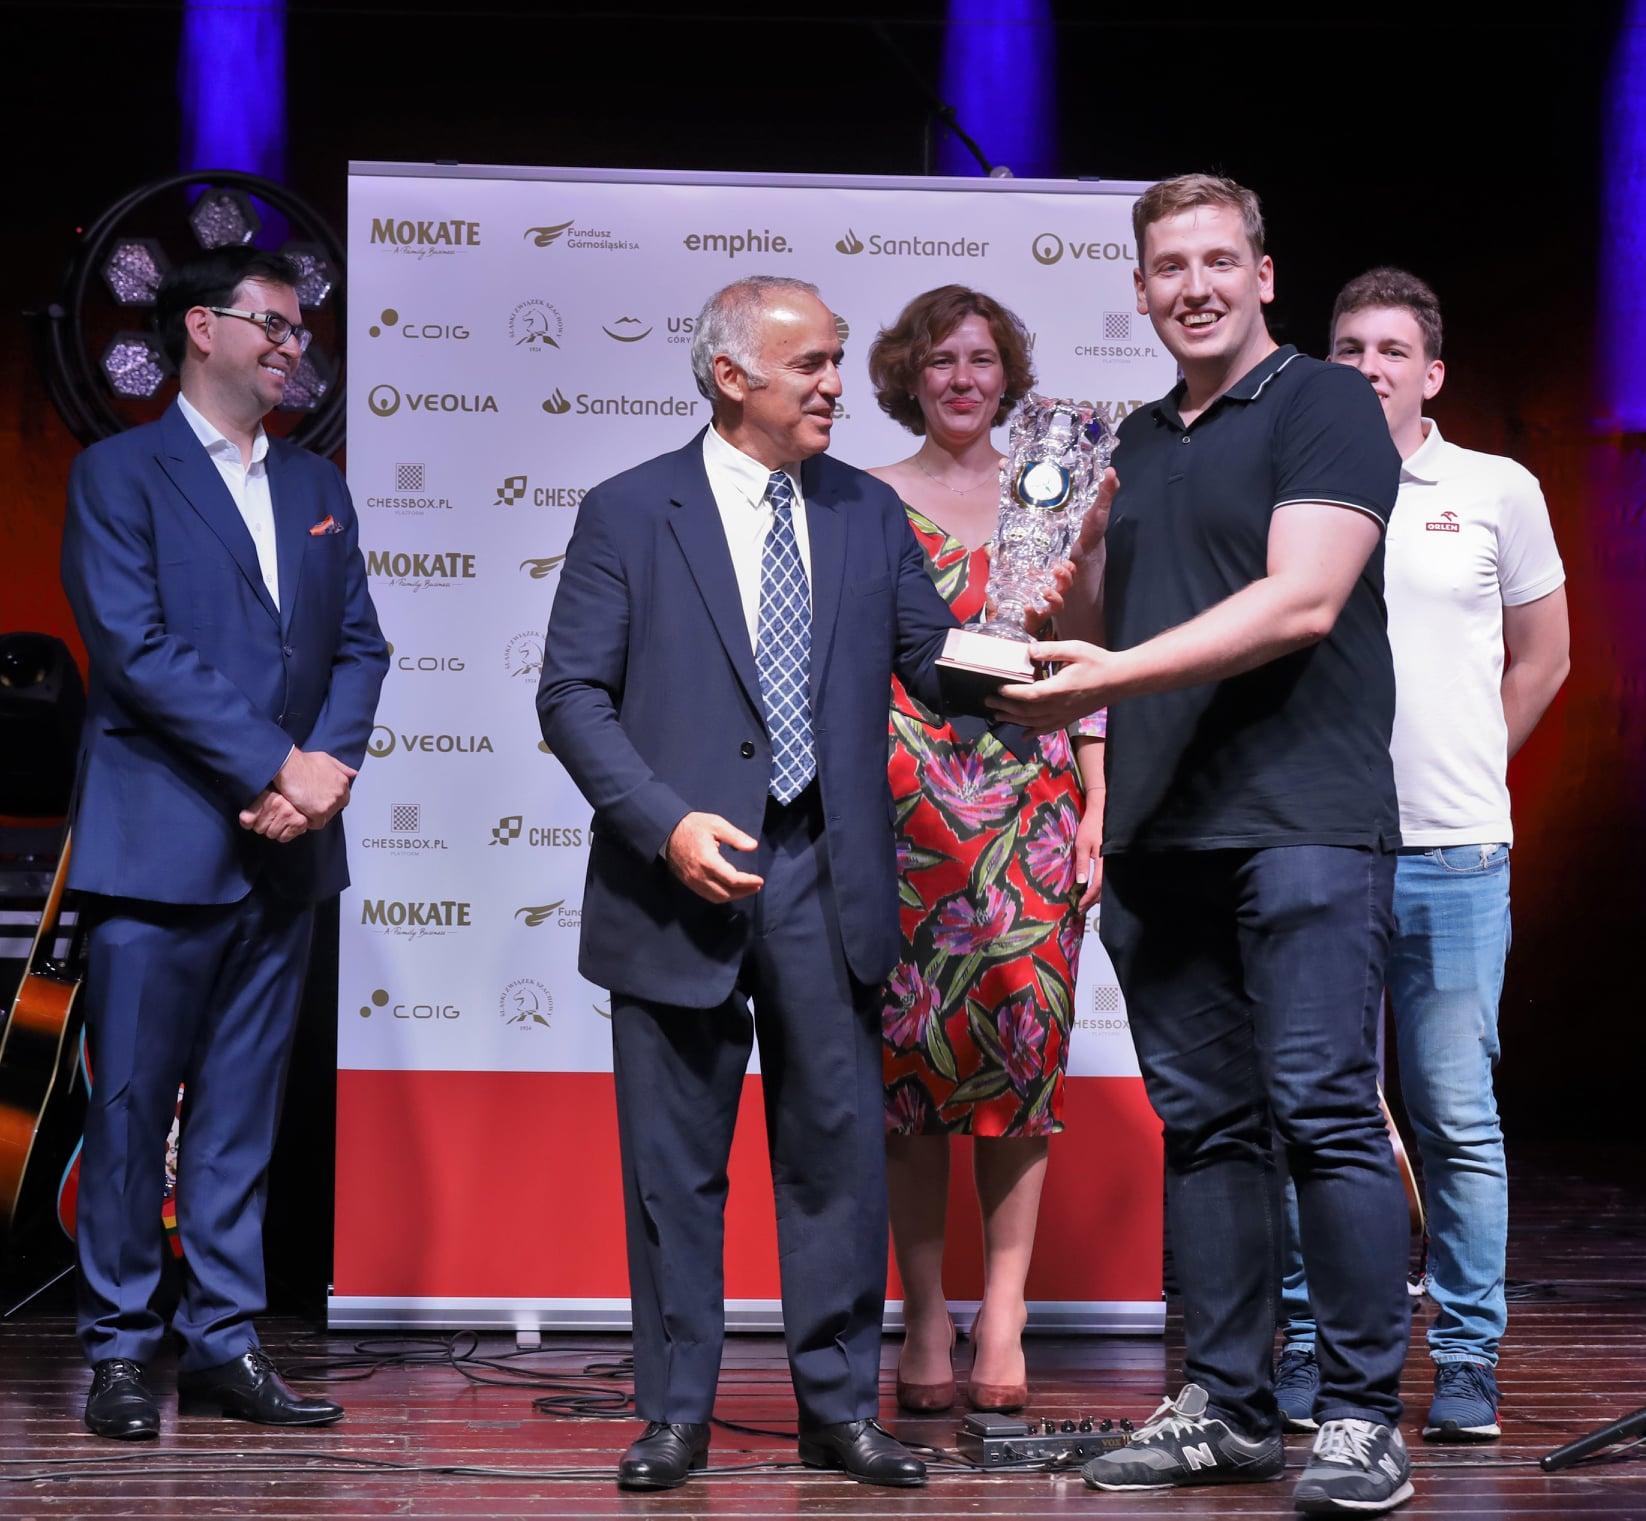 Tomasz Warakomski na scenie odbiera nagrodę